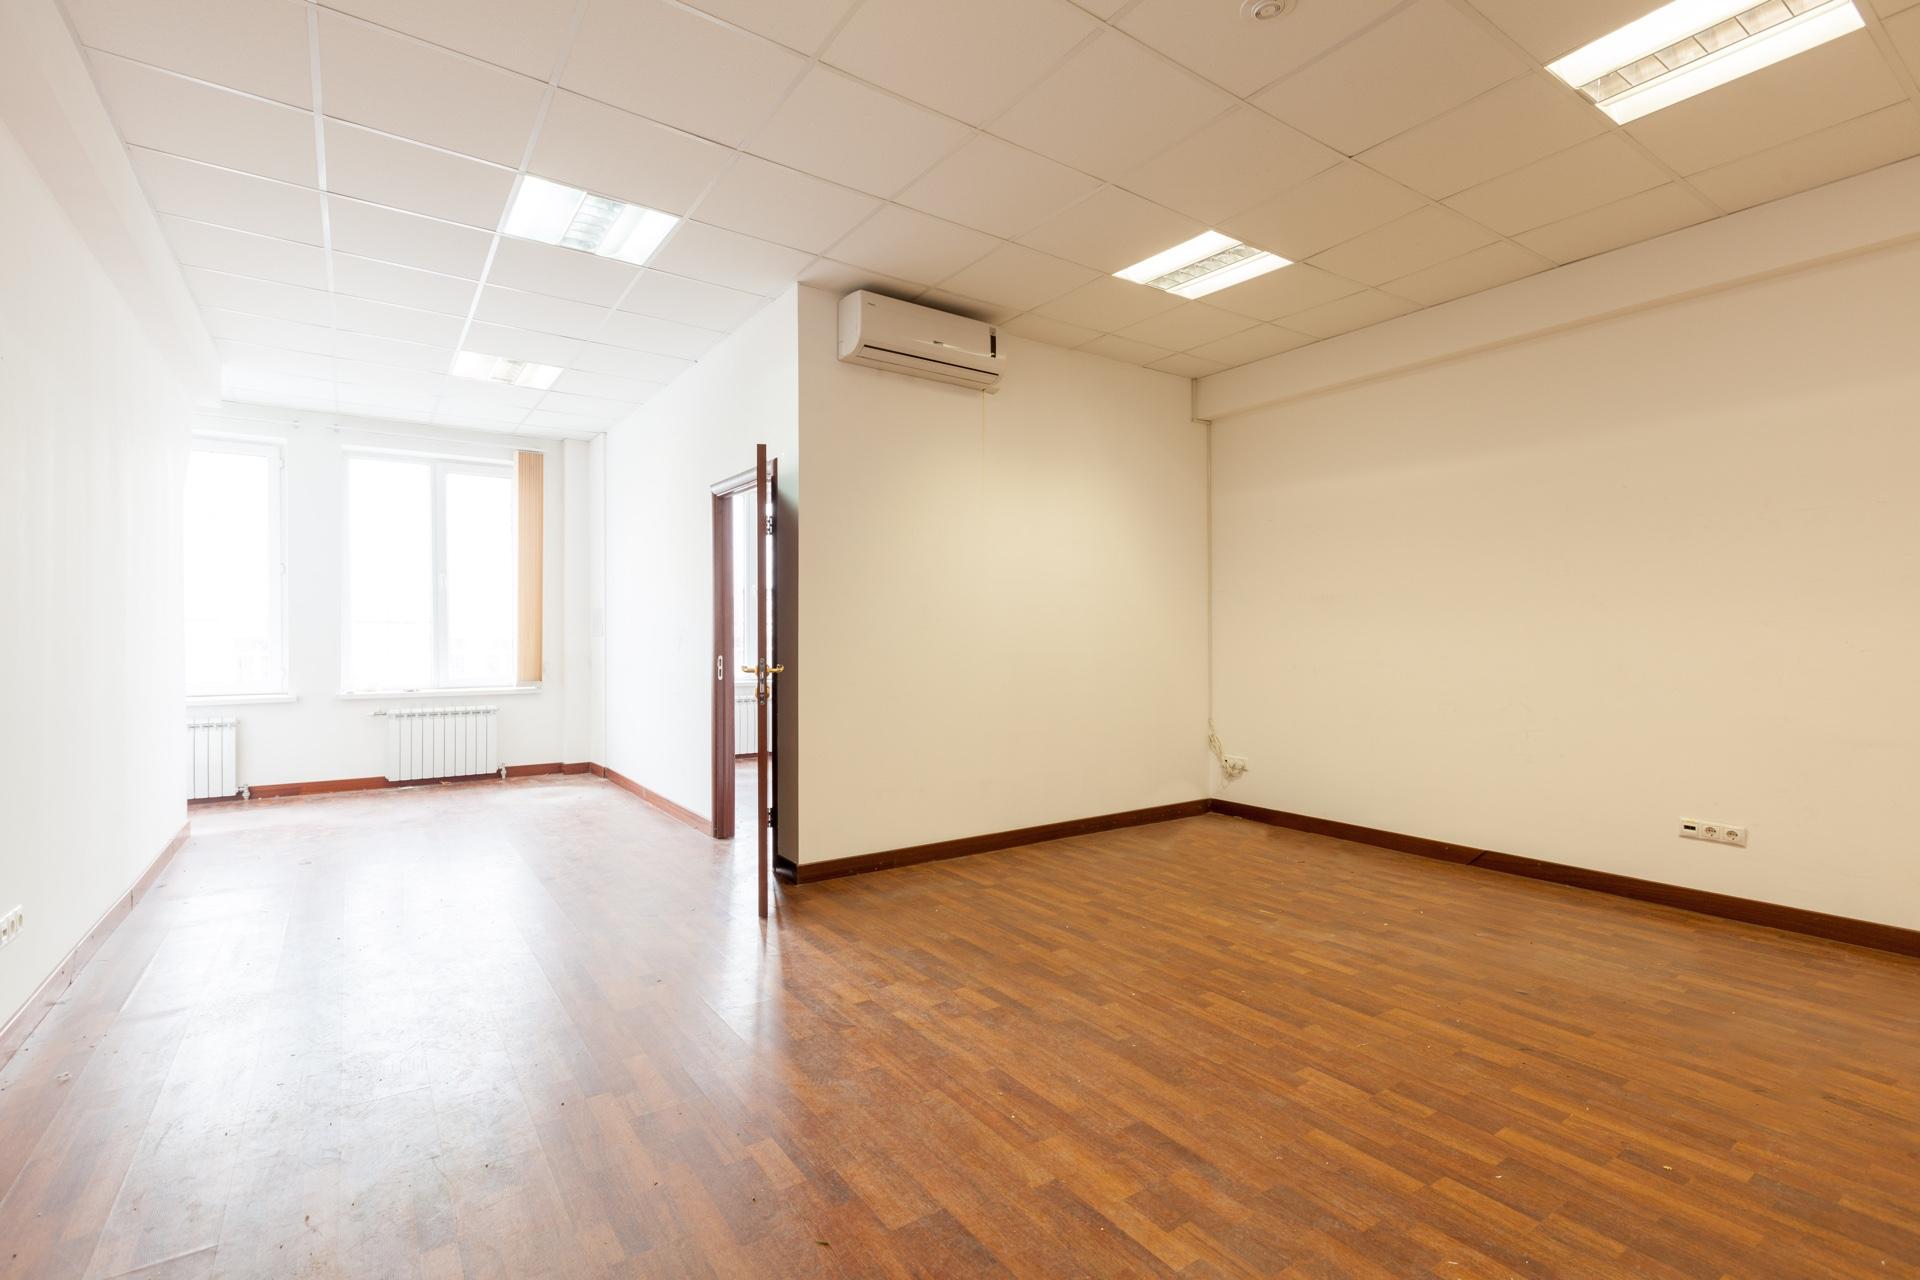 Аренда офиса в БЦ РАПИРА